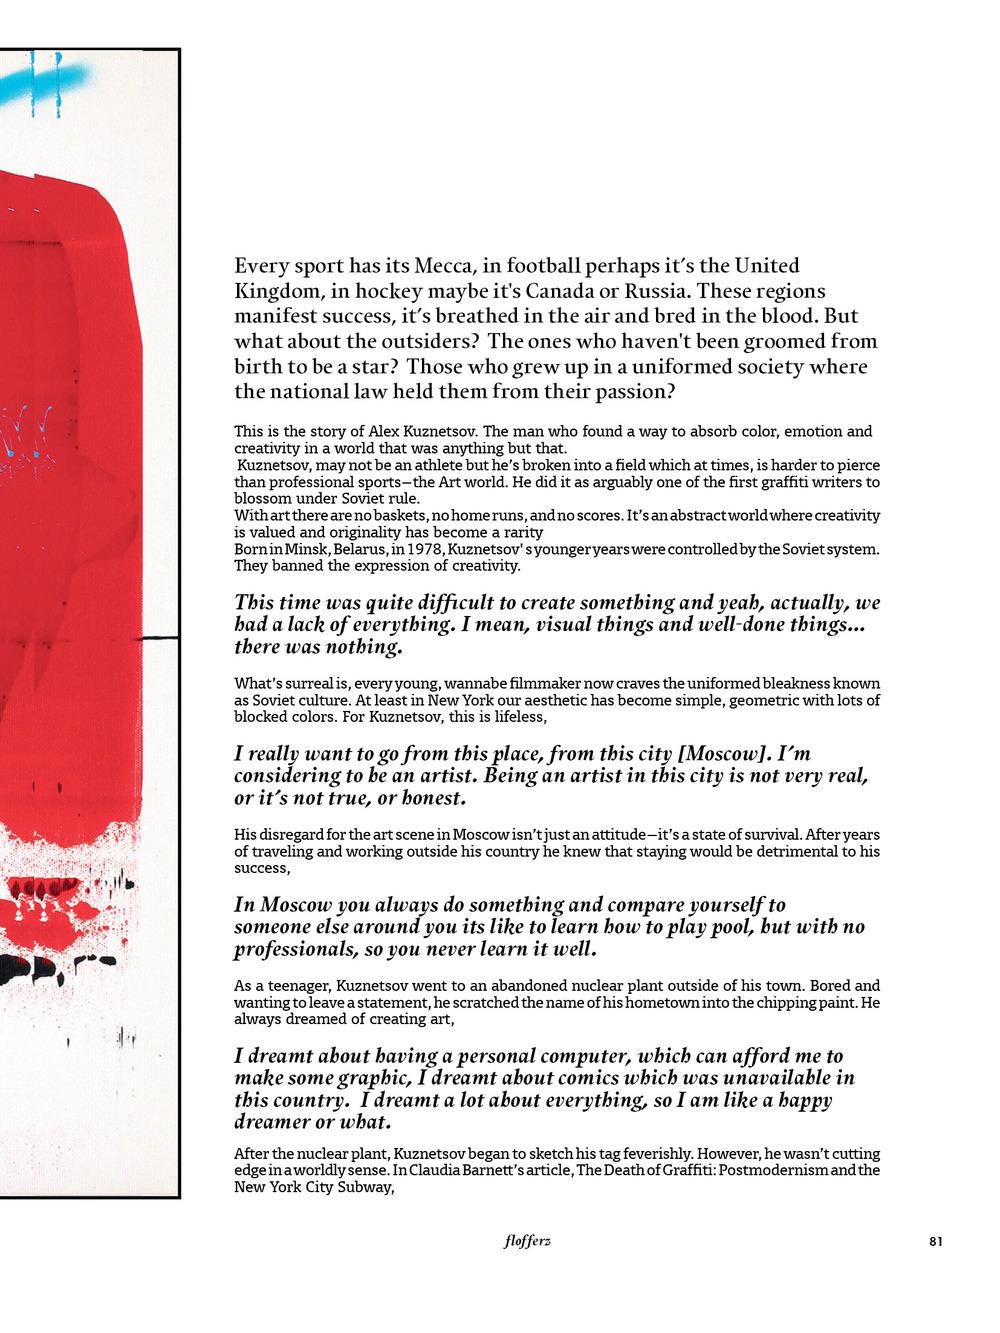 Flofferz_01_pages81.jpg